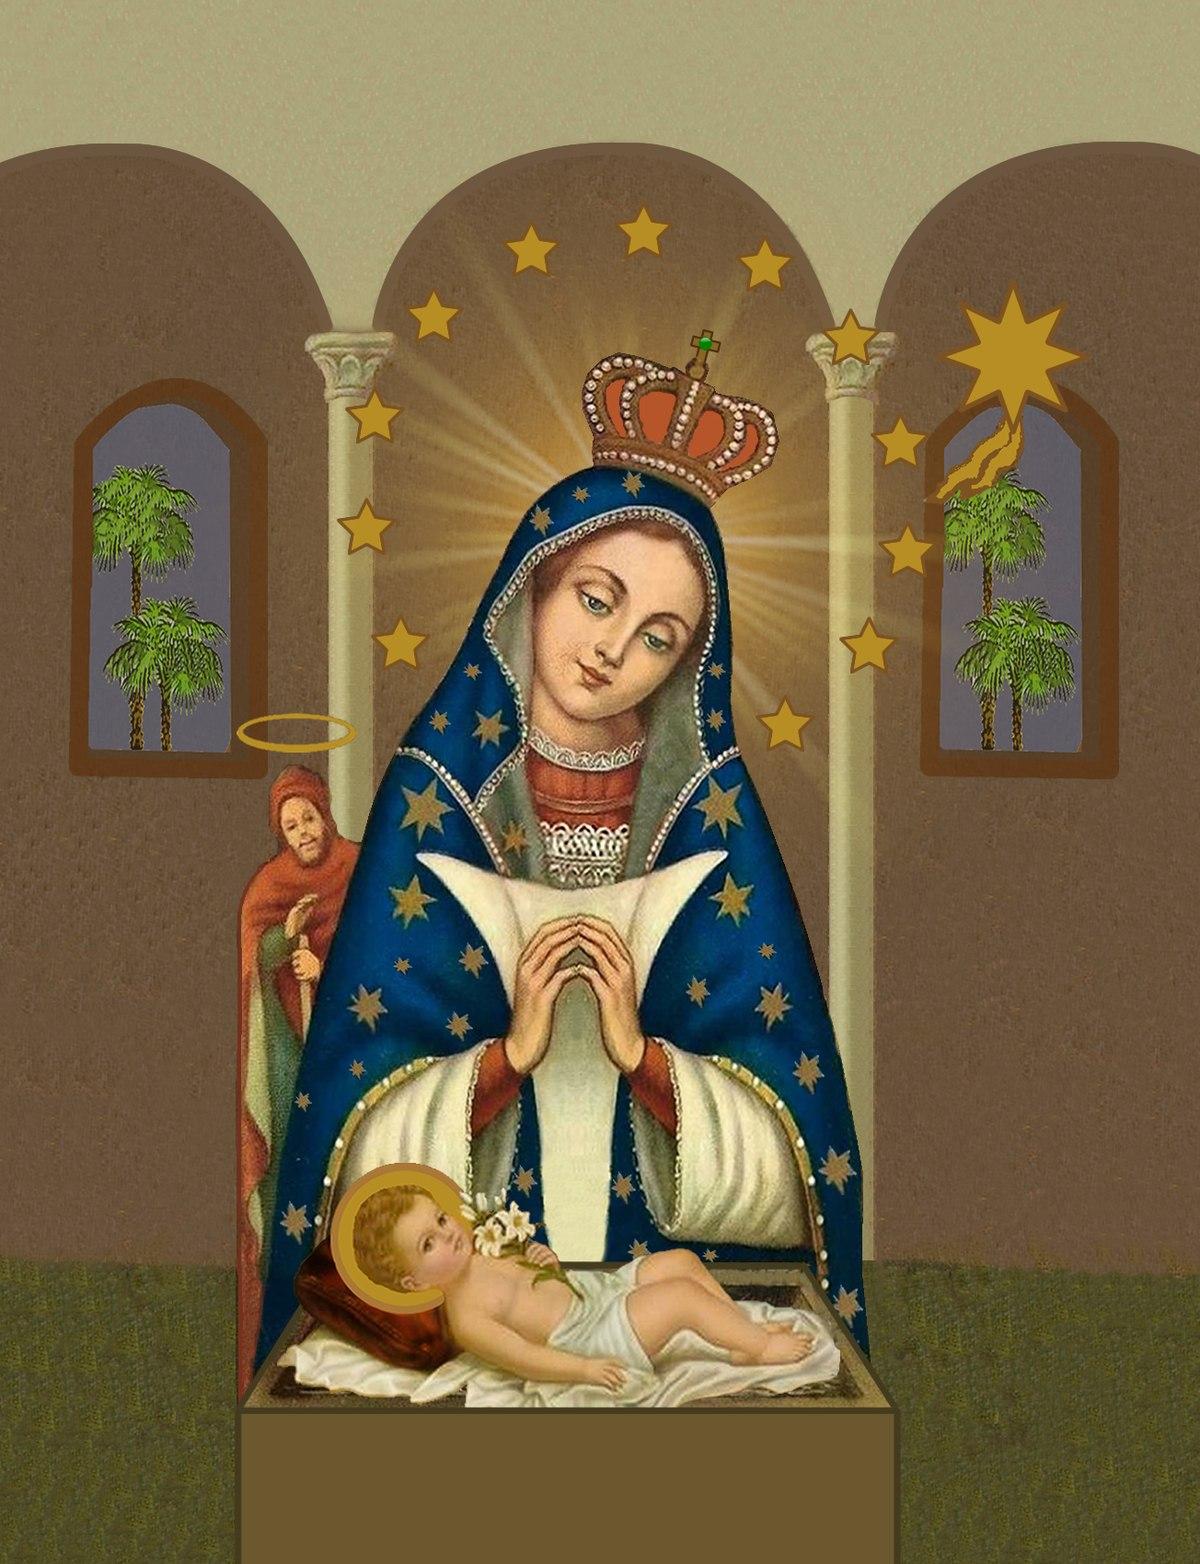 Nuestra Señora de la Altagracia - Wikipedia, la enciclopedia libre